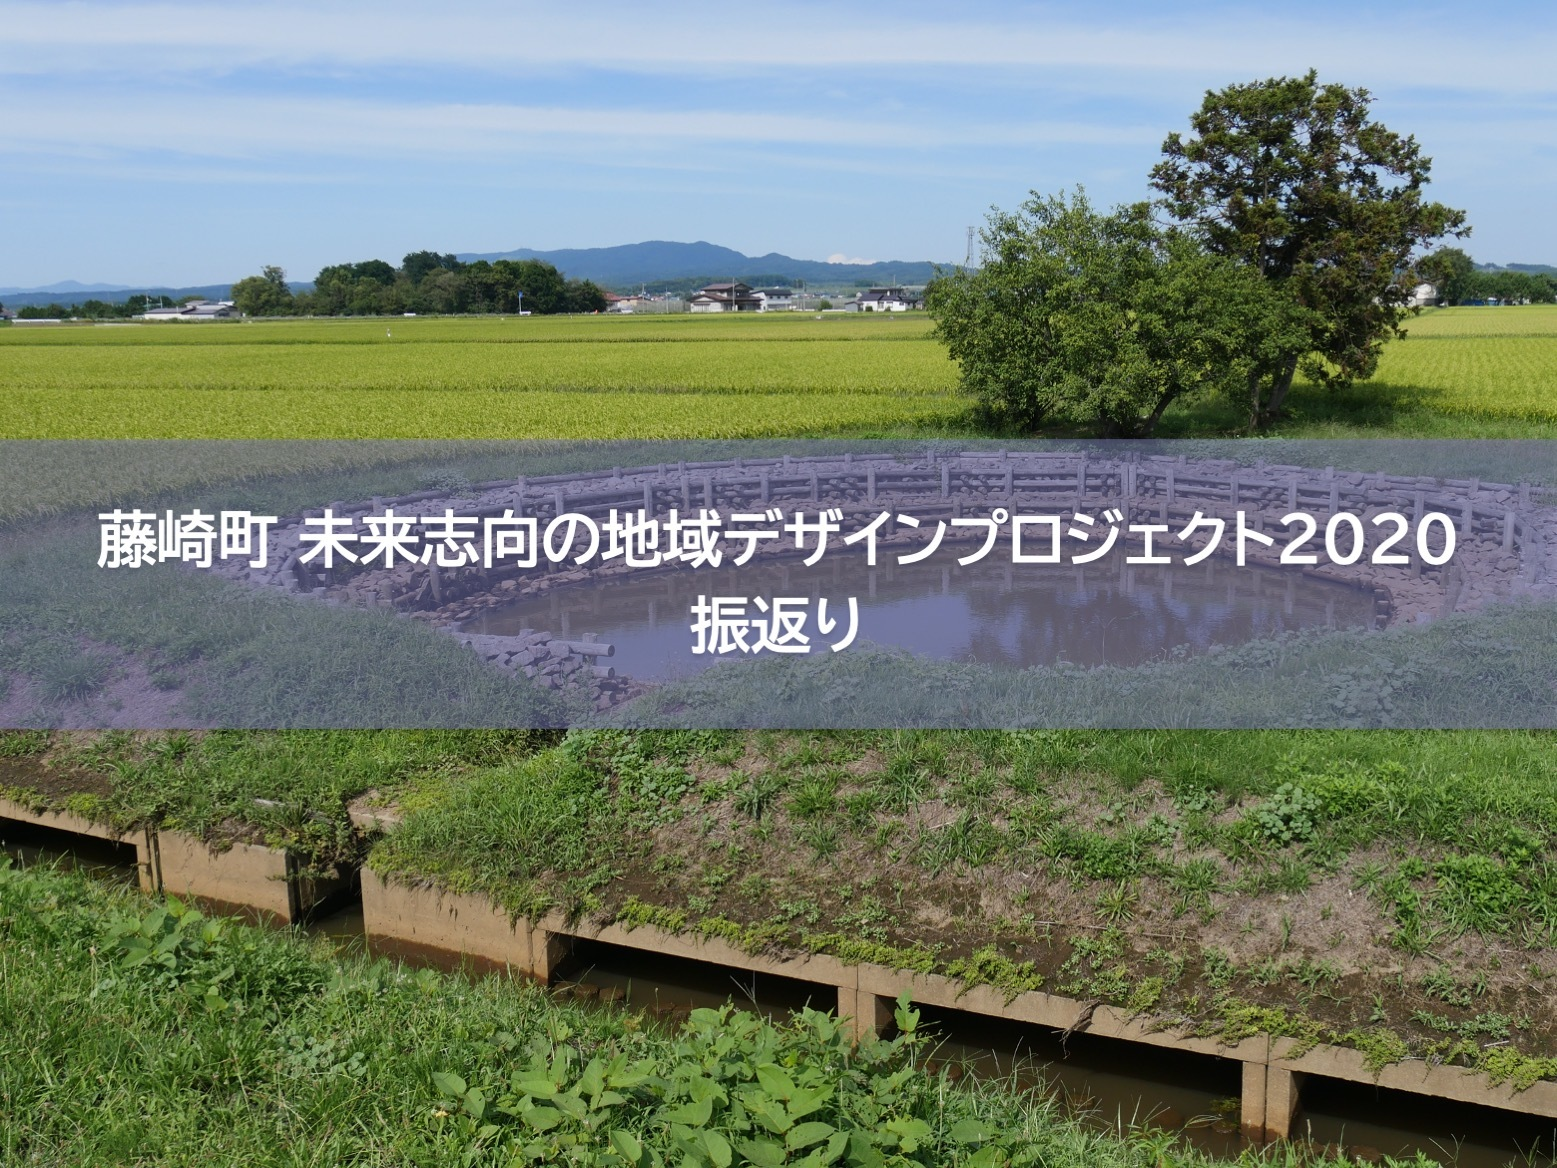 【藤崎町 未来志向の地域デザインプロジェクト 2020】振返り・次年度計画セッション<チーム合同>